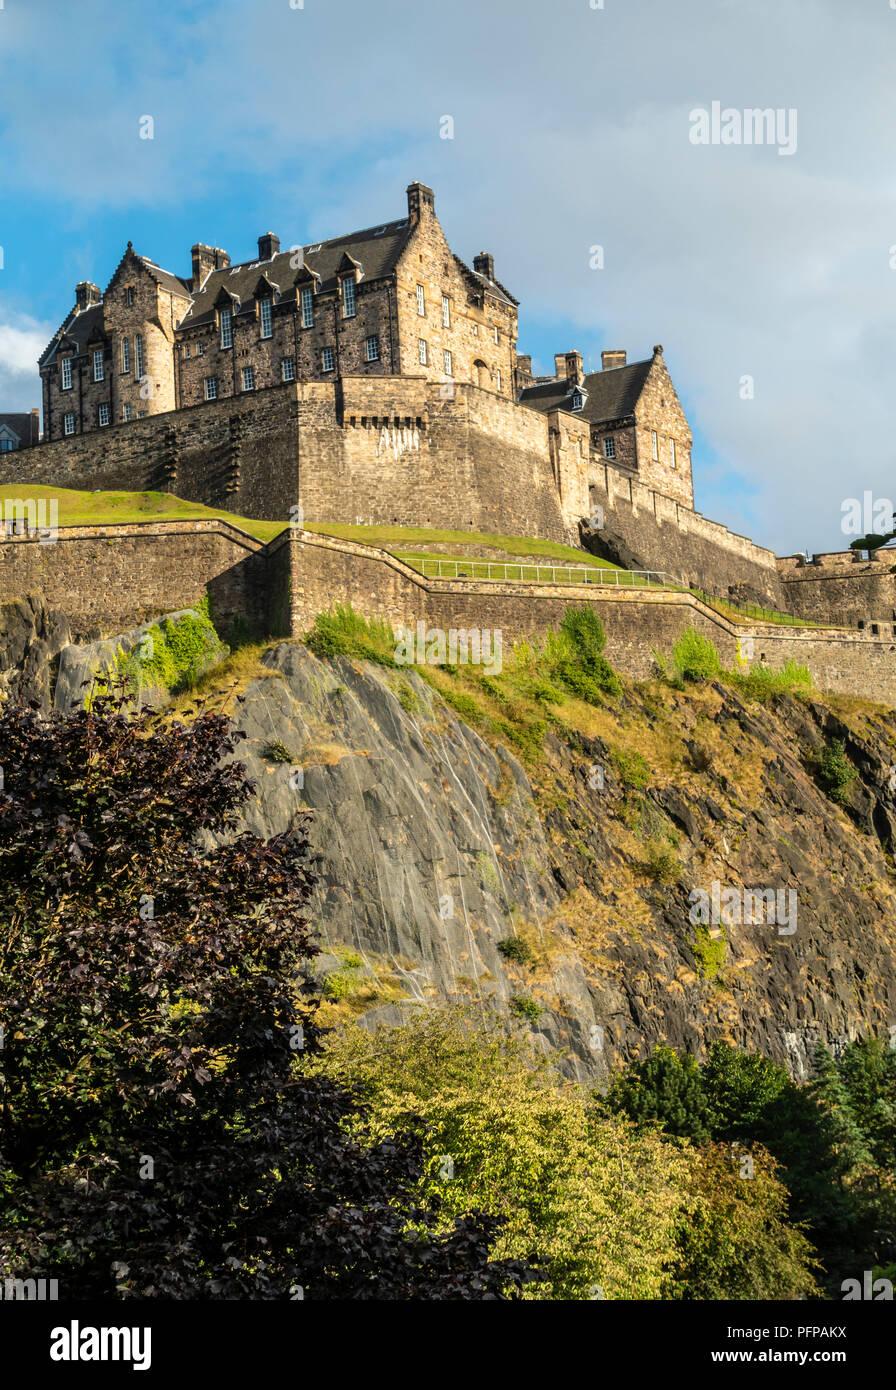 Das Edinburgh Castle, eine historische Festung auf einem vulkanischen Stecker, wo es ist ein Wahrzeichen und Touristenattraktion in der Mitte der Stadt Edinburgh. Stockbild